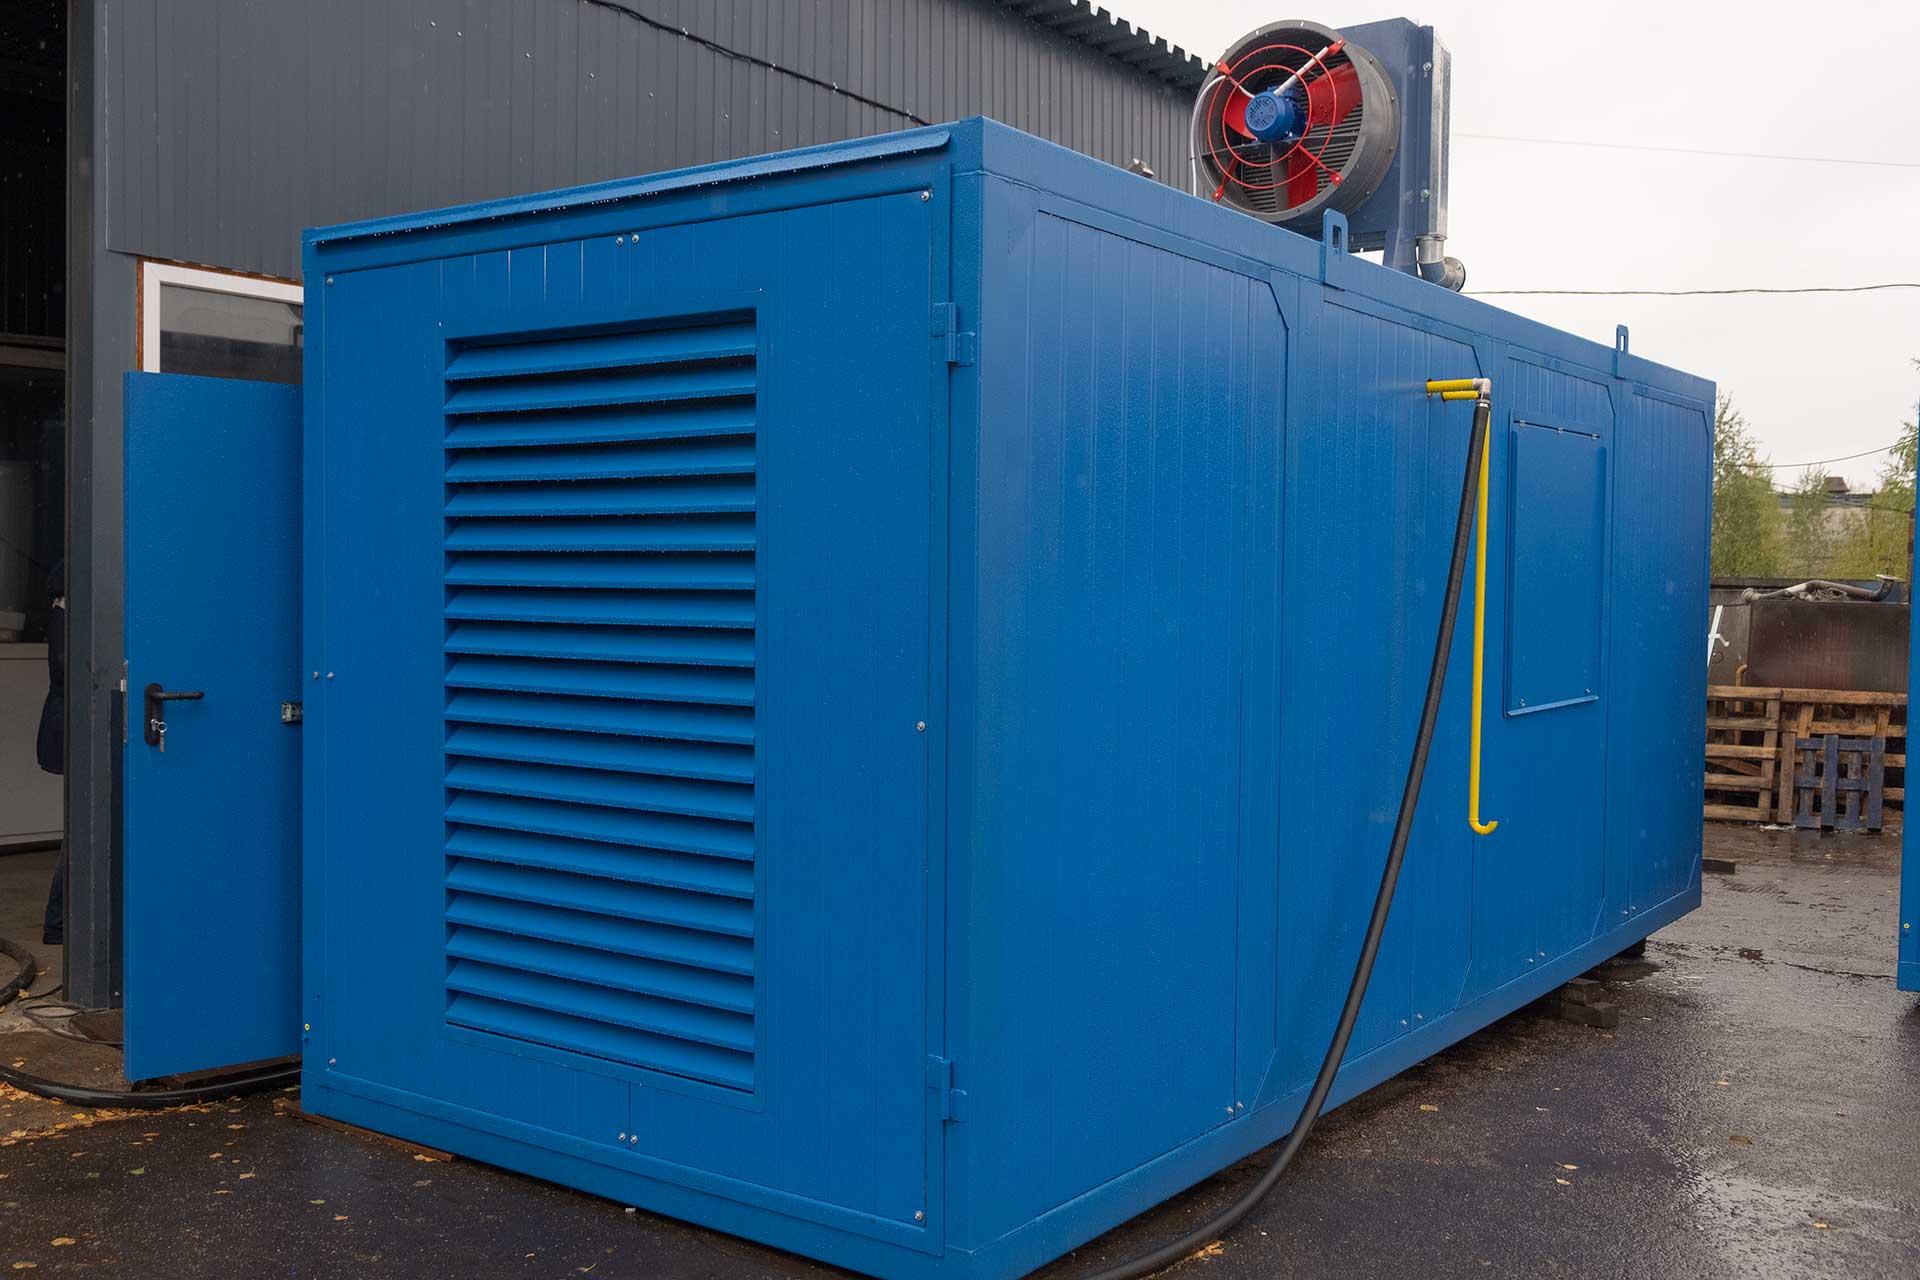 Газовая электростанция 80 кВт в контейнере